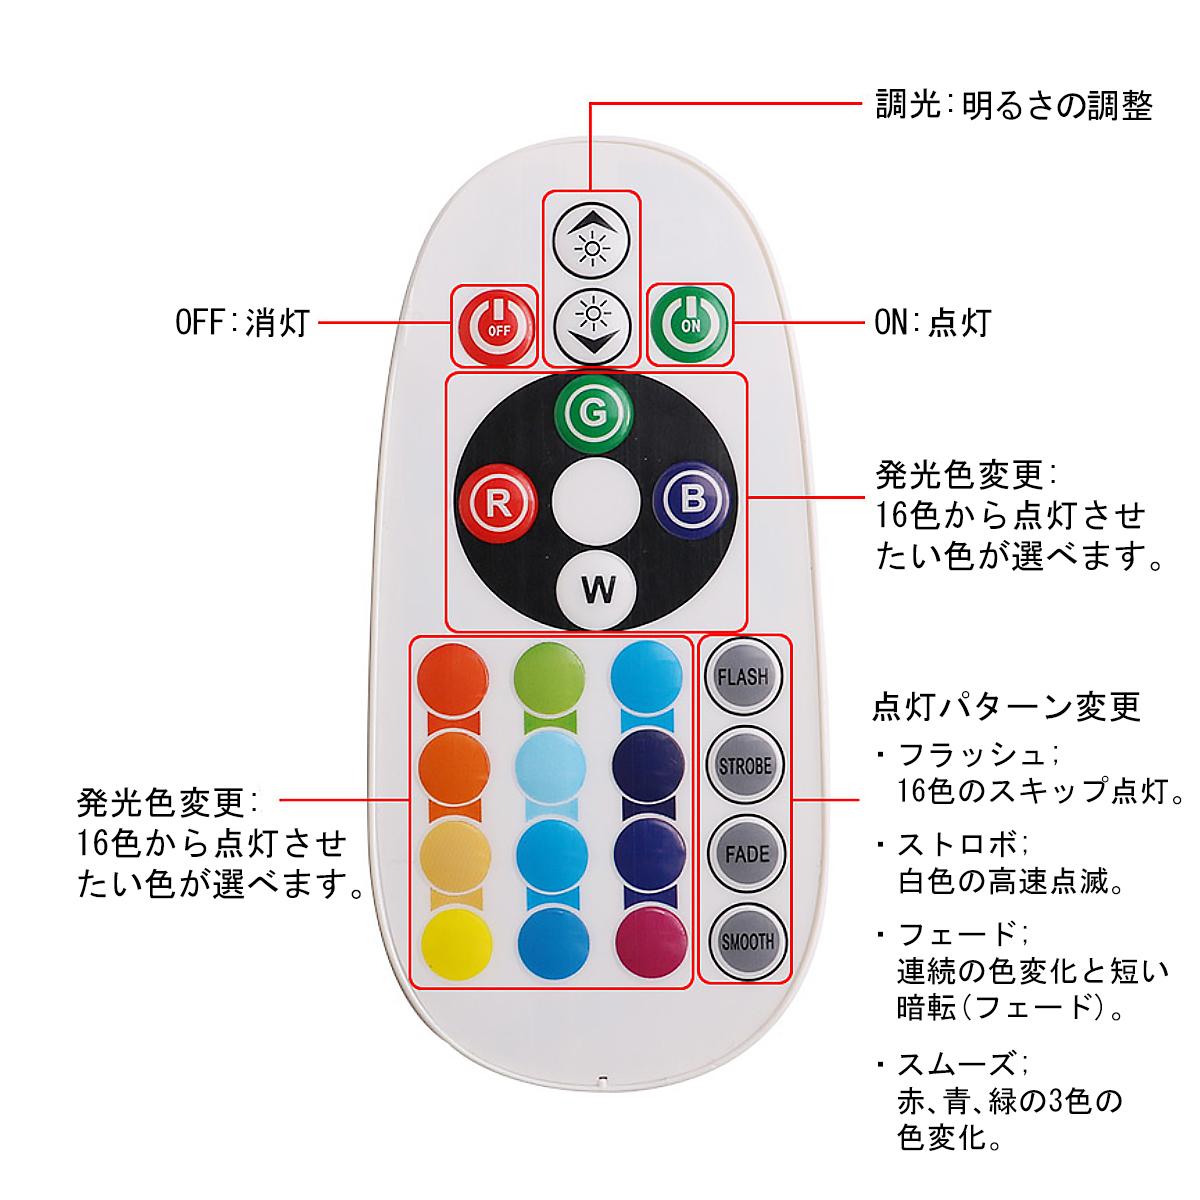 LED T10 RGB 12SMD 16色 2個セット T10 T13 T15 T16 汎用 5050チップ 12V 極性あり ポジション 車幅灯 ルームランプ ナンプレ SDM便送料無料 在庫処分1ヶ月保証